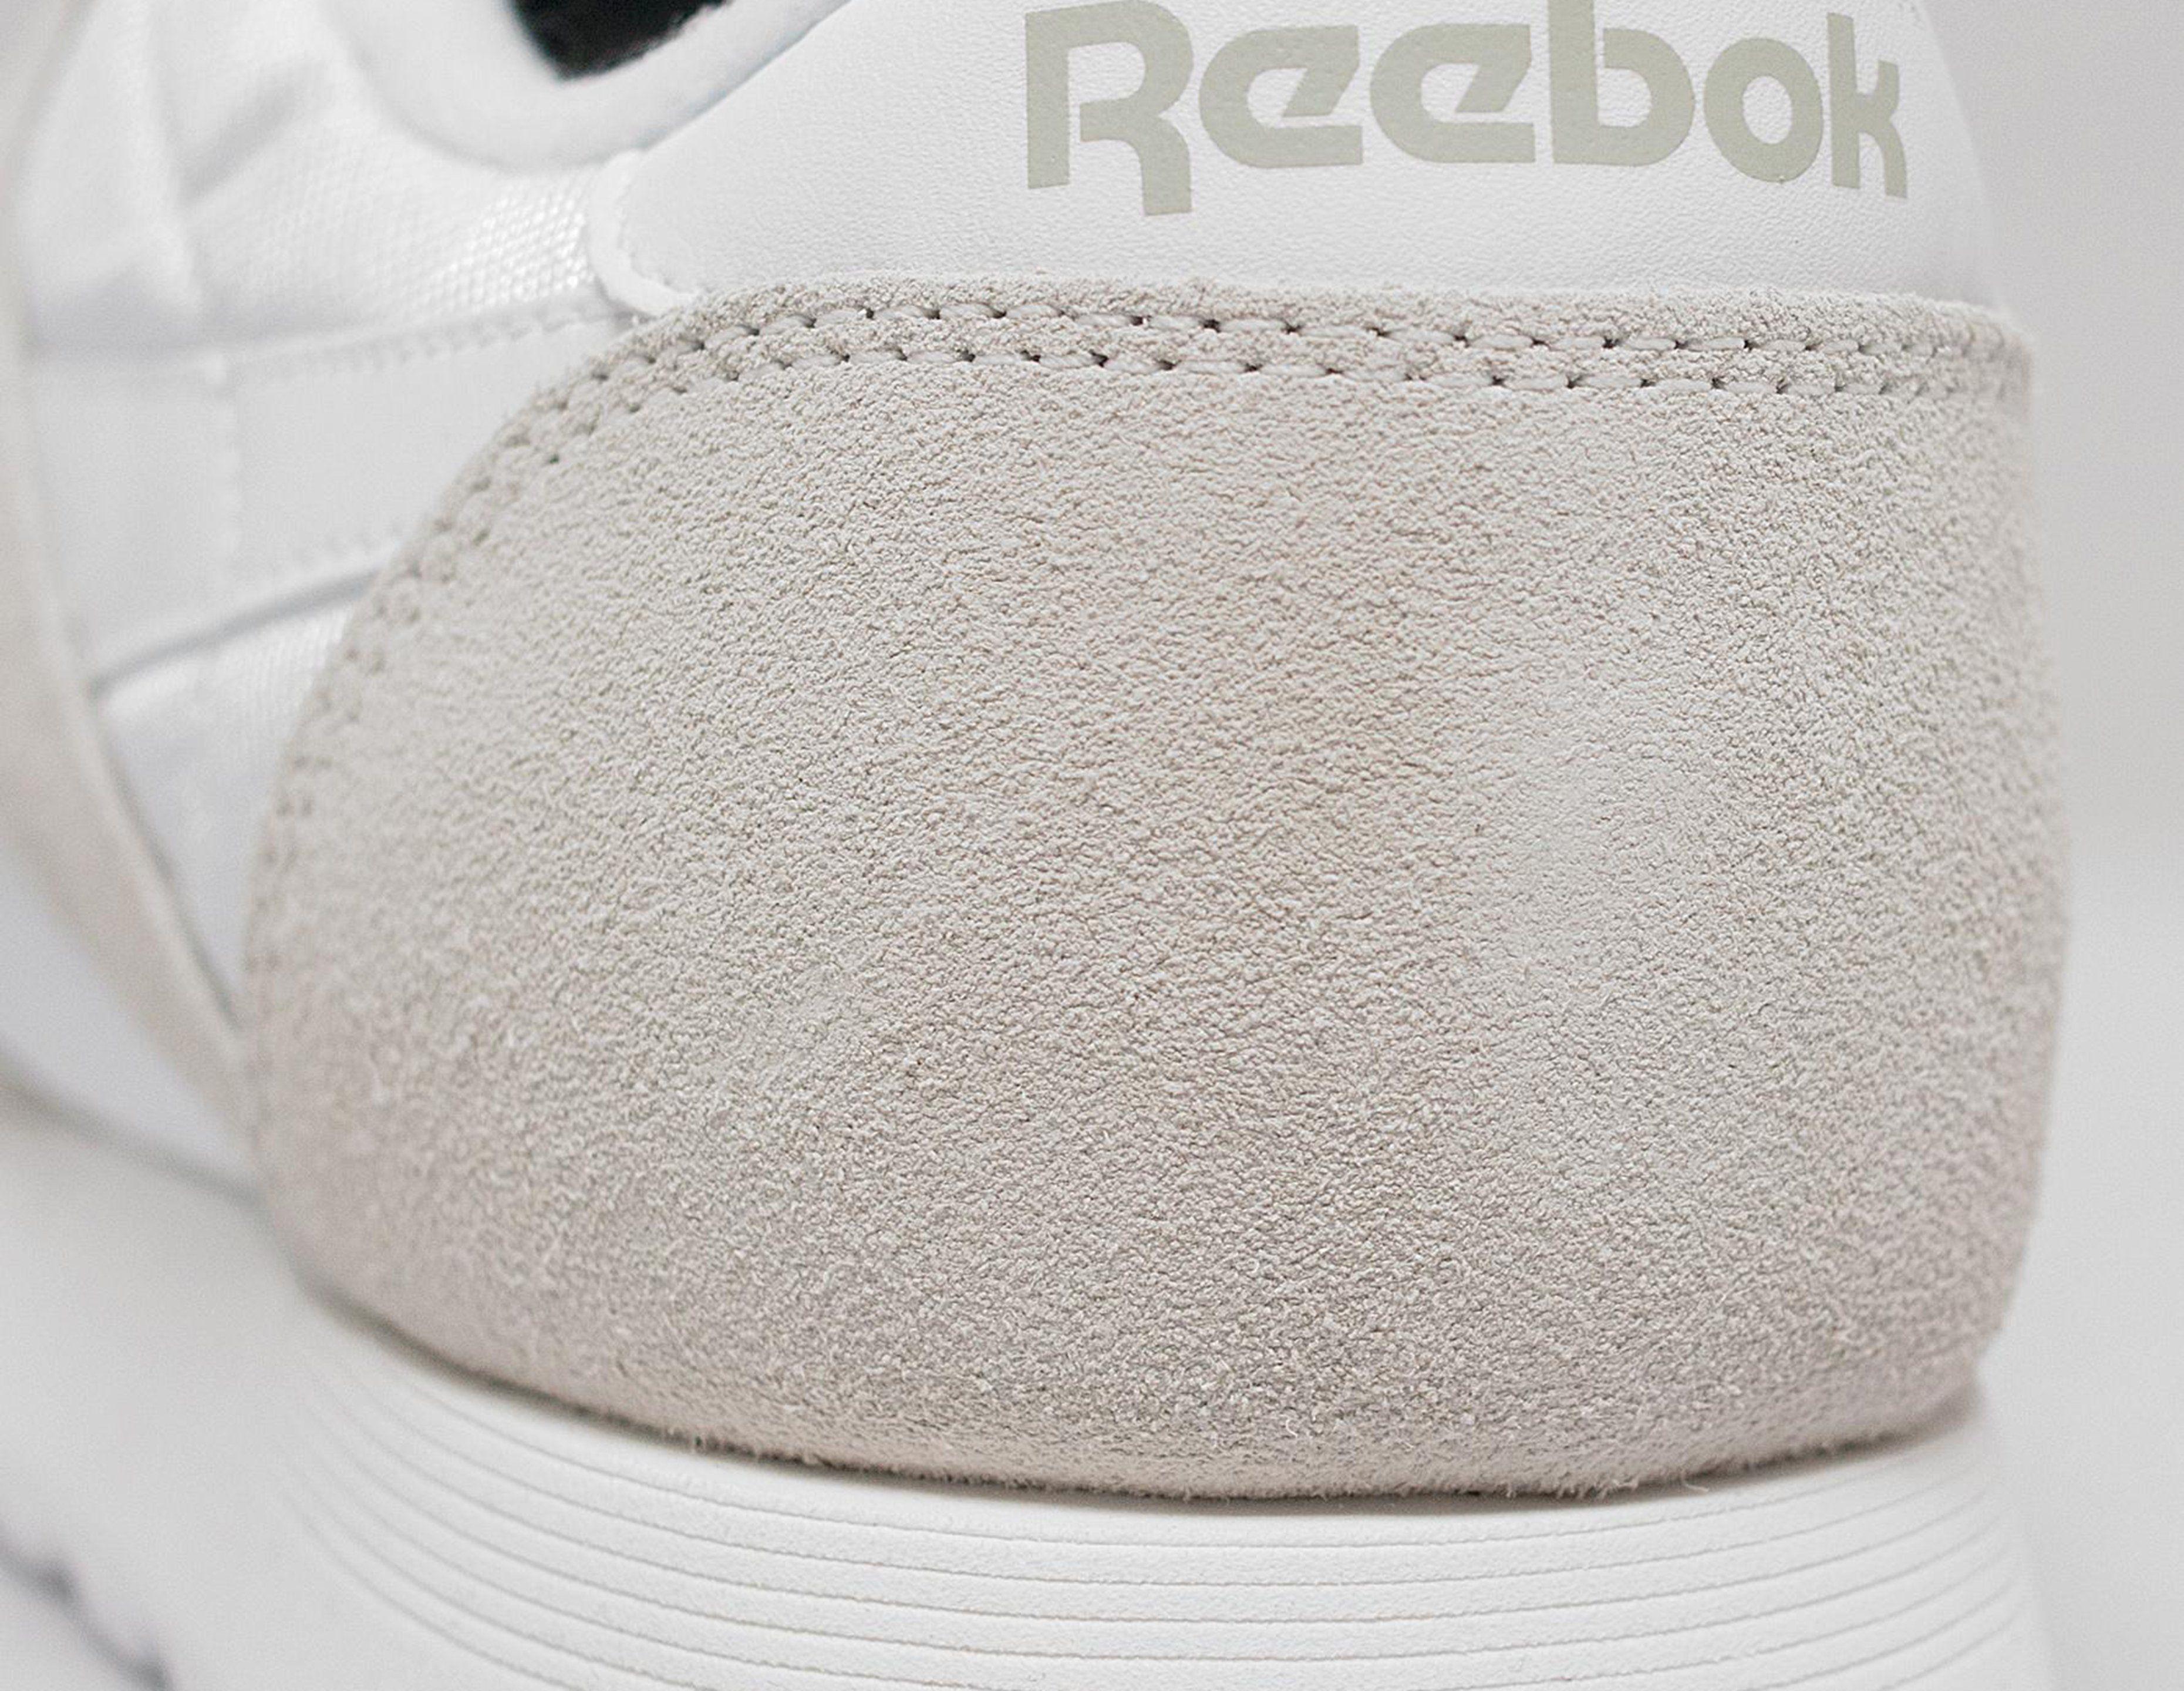 Reebok Classic Nylon OG